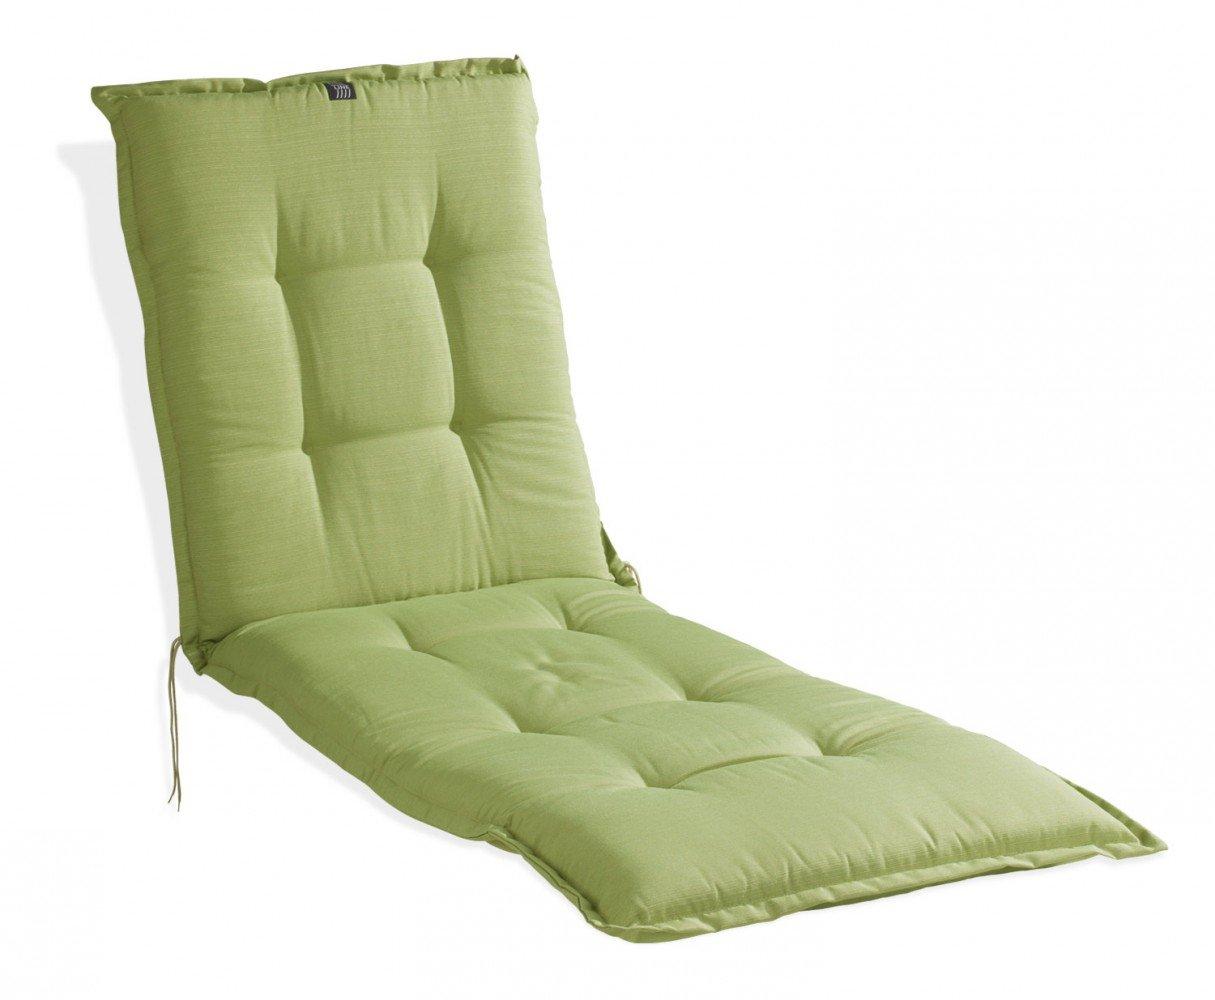 Liegenauflage Auflage für Sonnenliege grün Lime 4 online bestellen